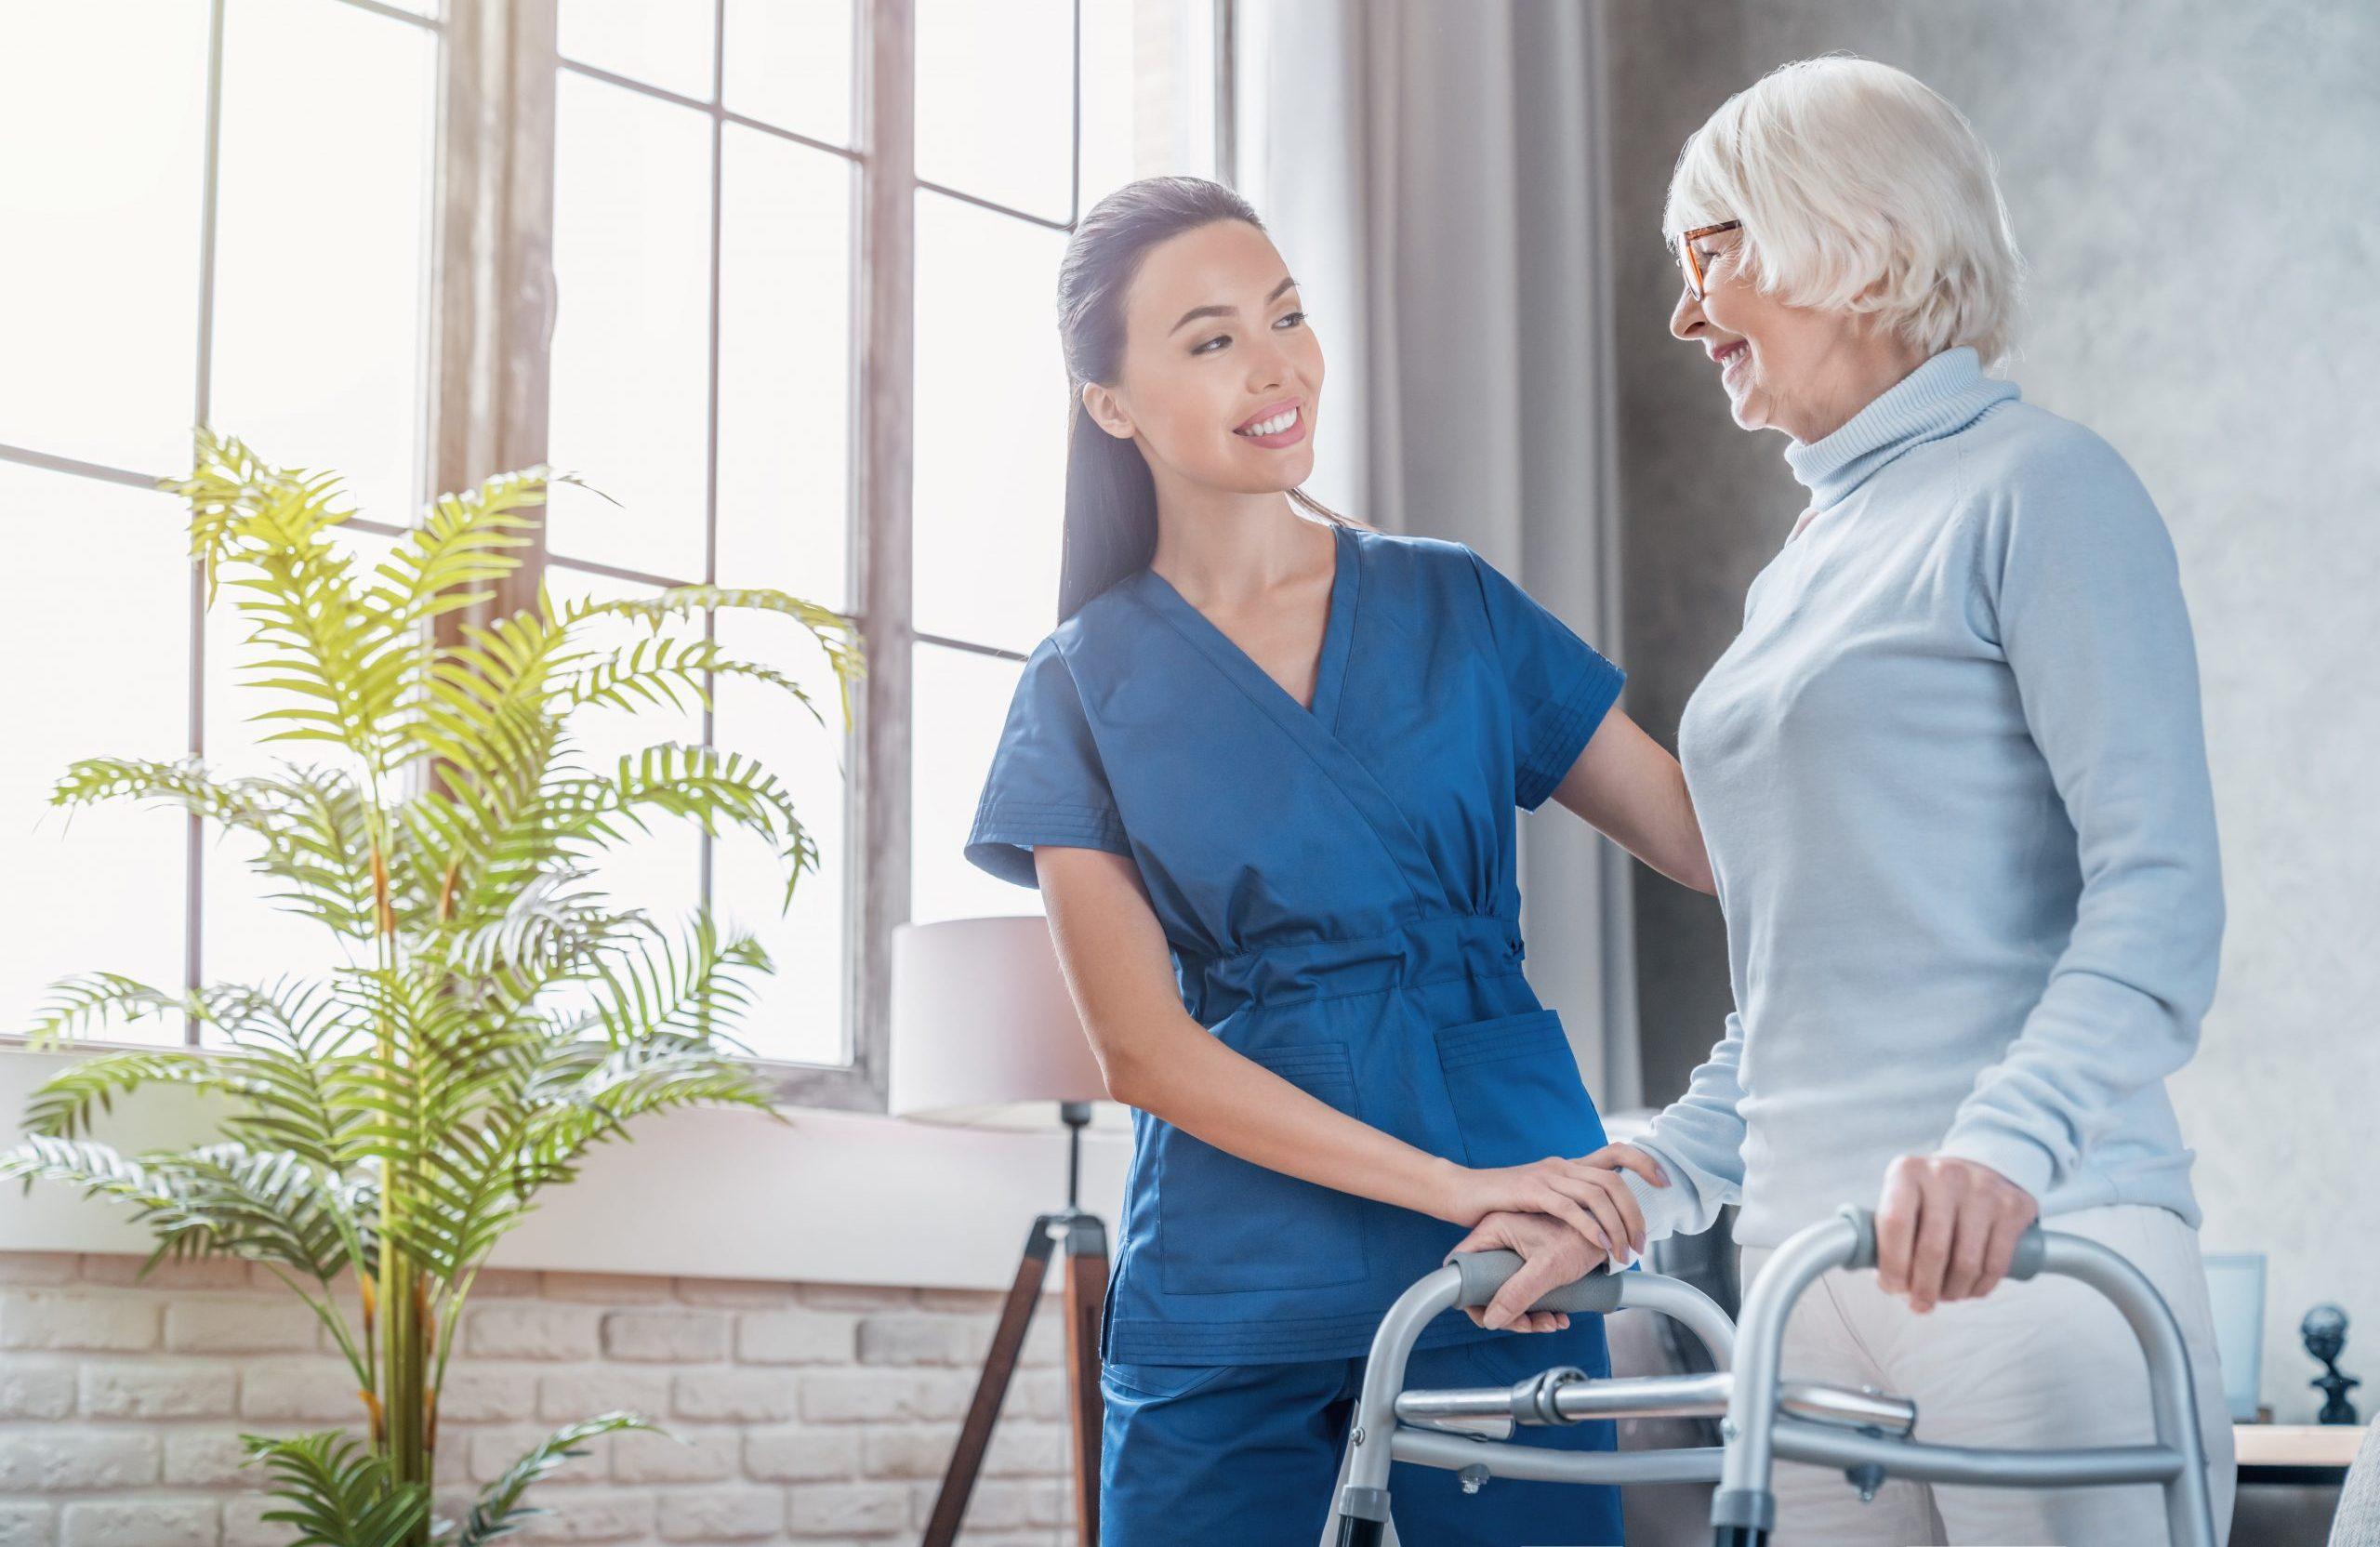 Wohnen im Alter – Hilfeleistungen in den eigenen vier Wänden